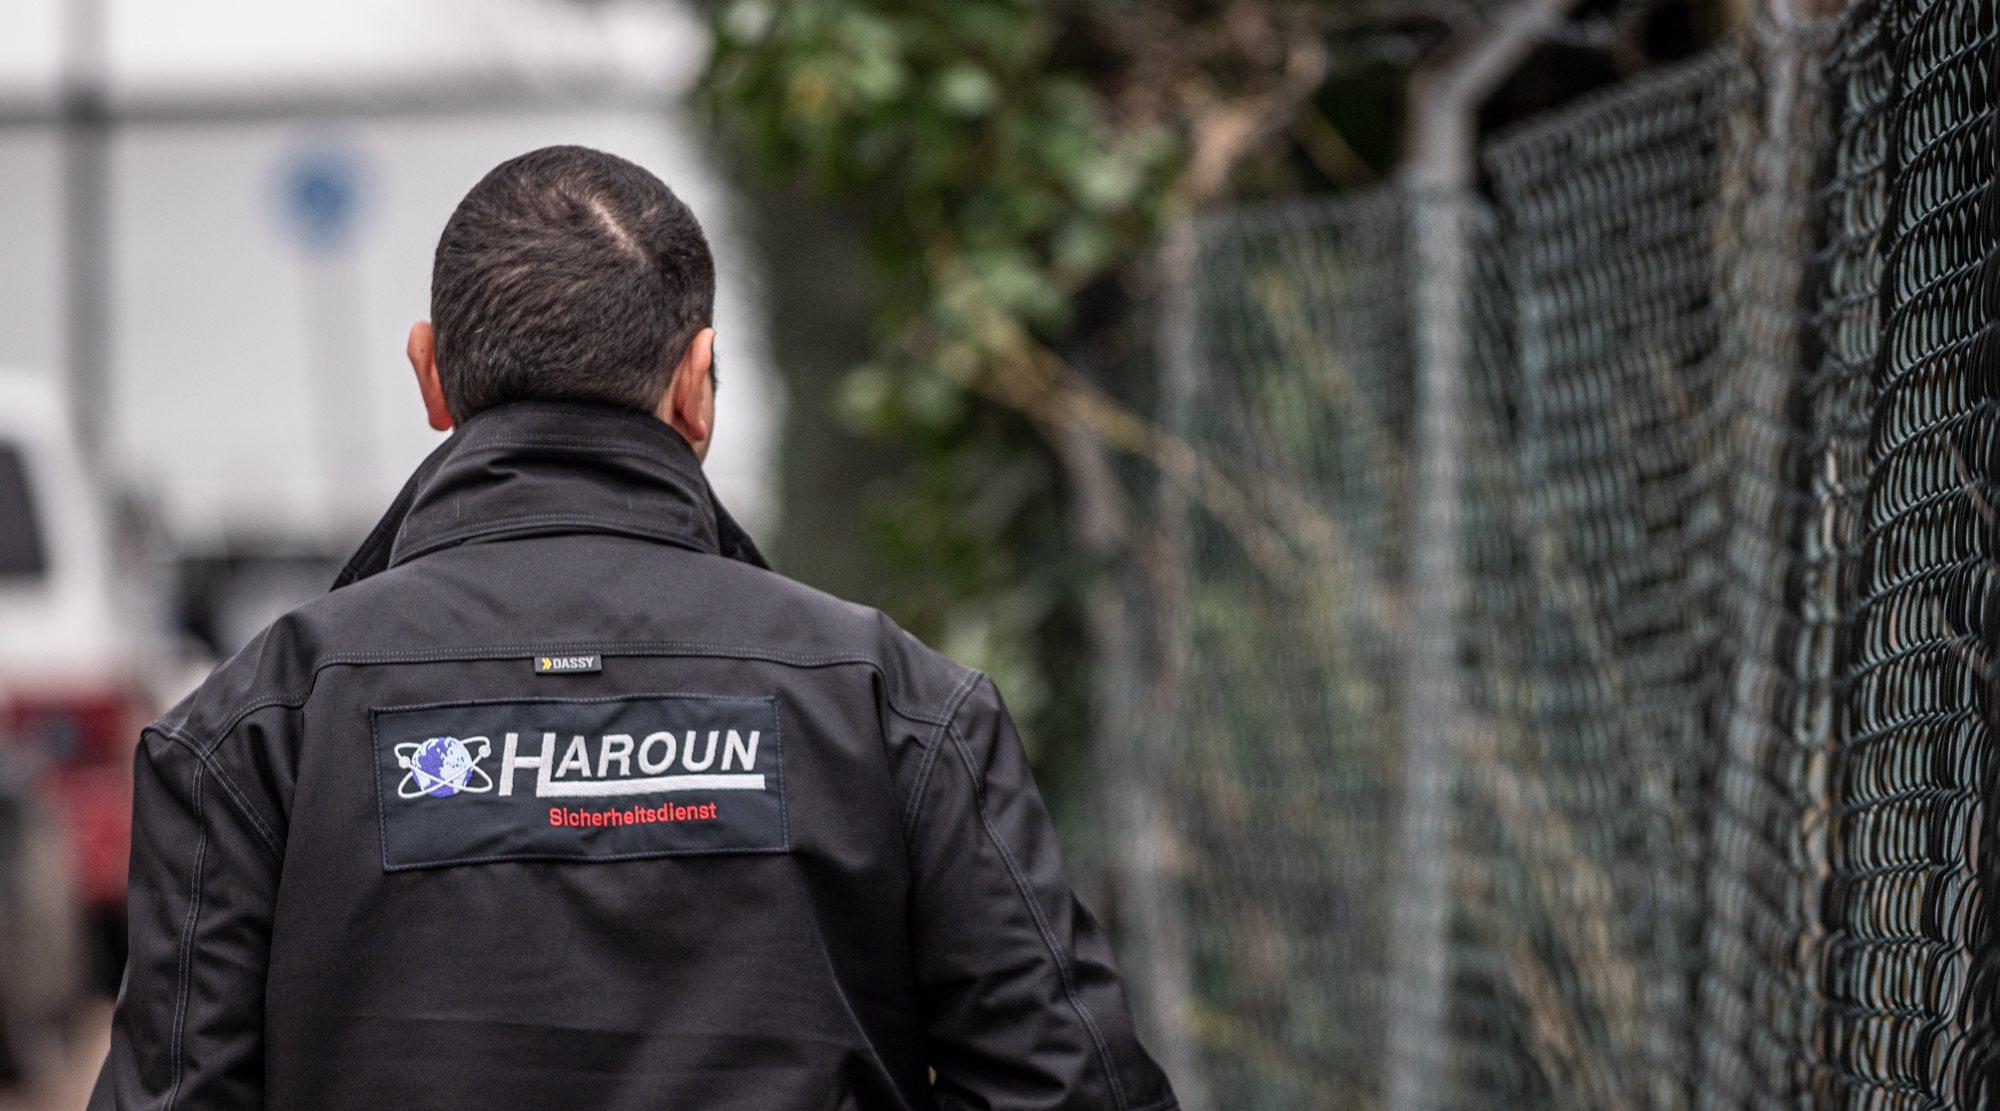 Haroun Security